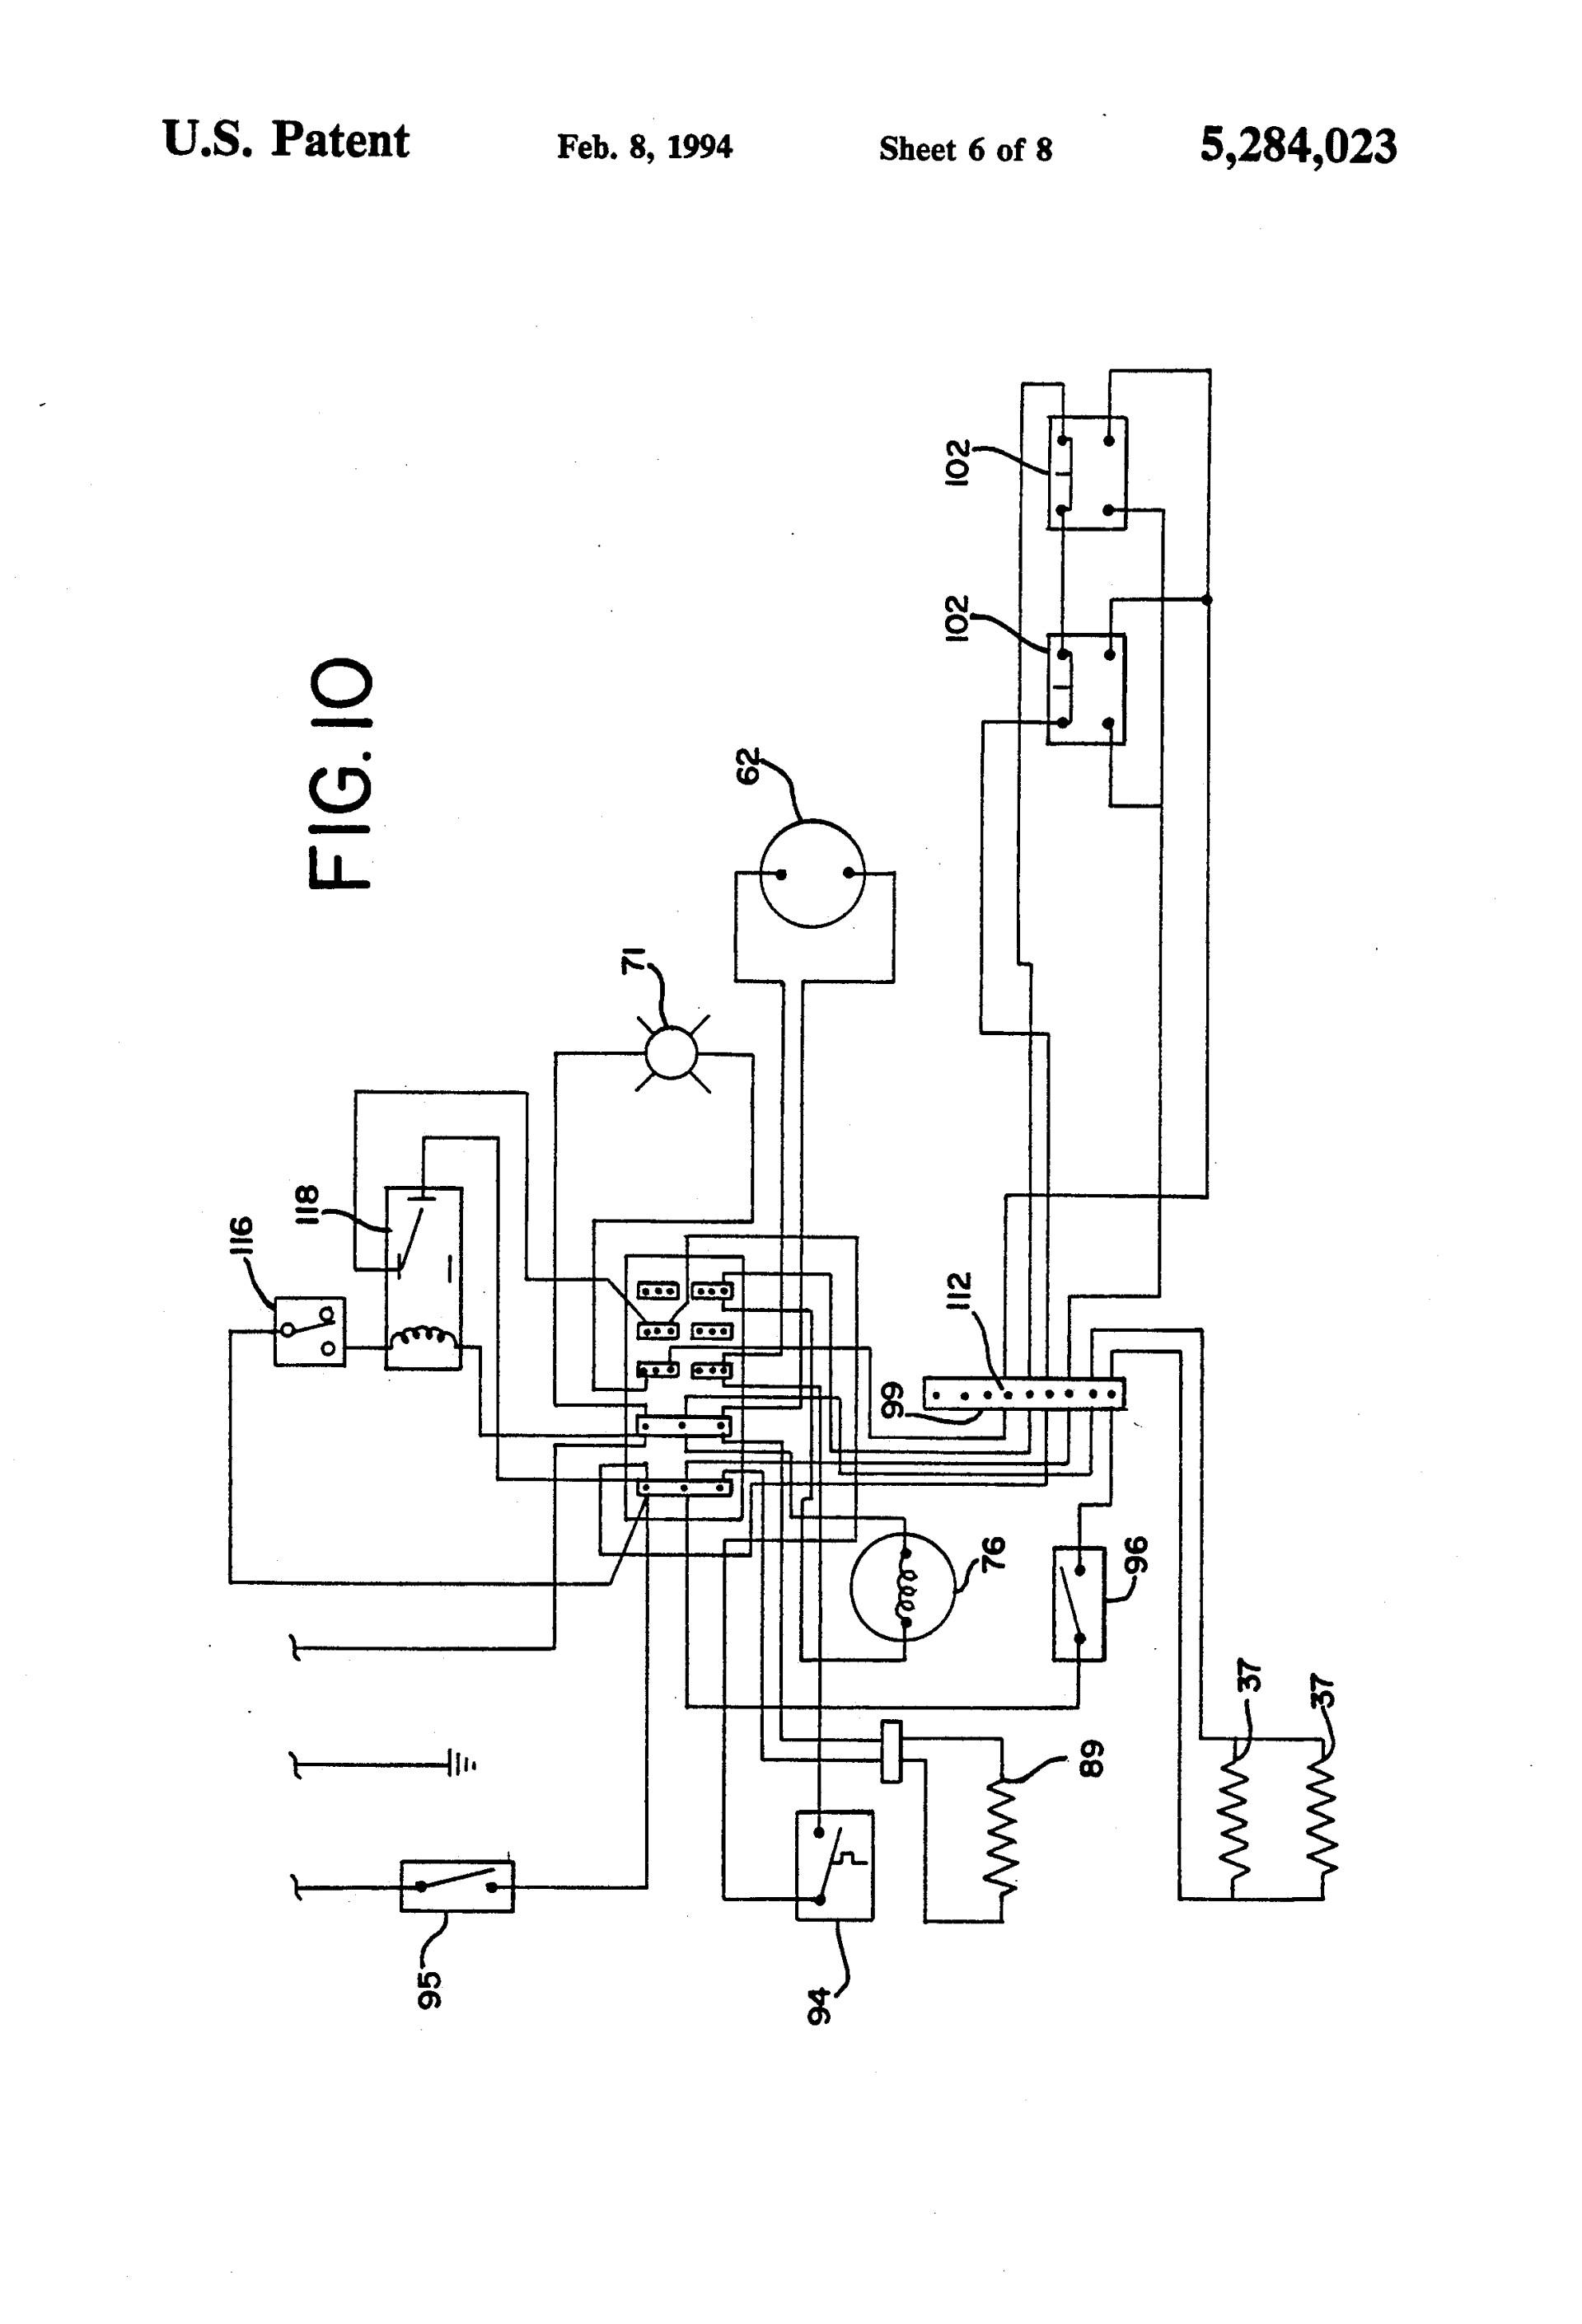 YF_3968] True Refrigerator Gdm 49 Wiring Diagram Download Diagram | True Wiring Diagrams |  | Sputa Synk Opein Mohammedshrine Librar Wiring 101